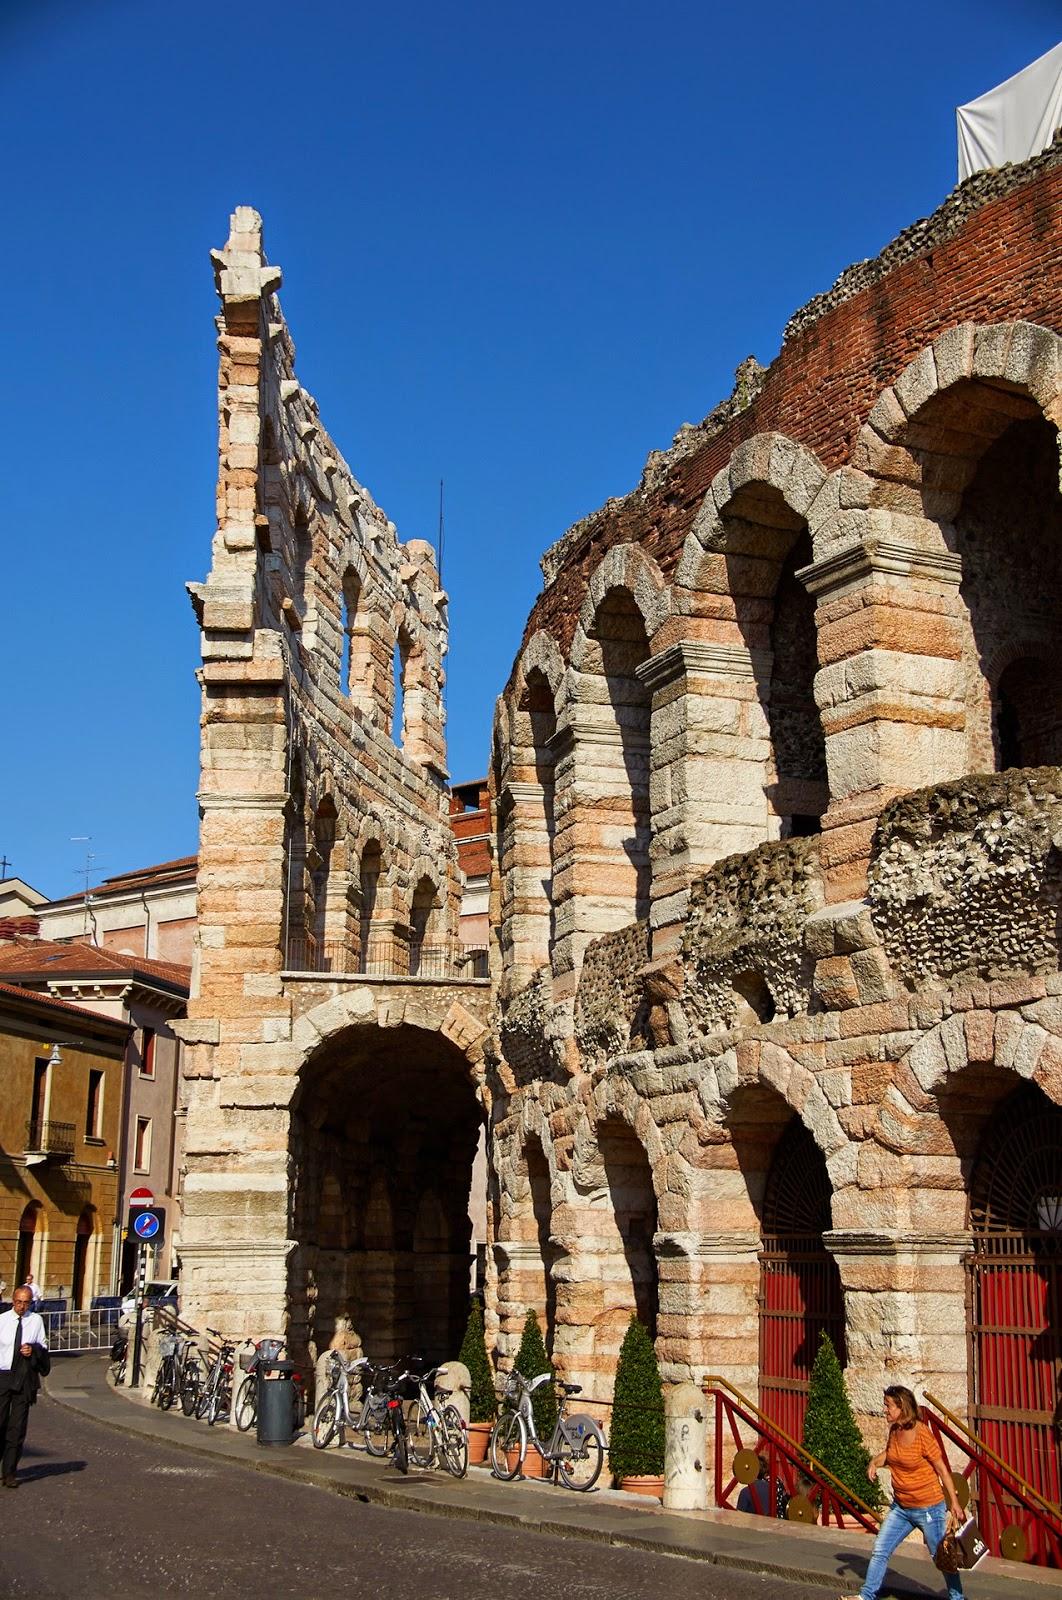 zabytki w Weronie, co trzeba zobaczyć we Włoszech?